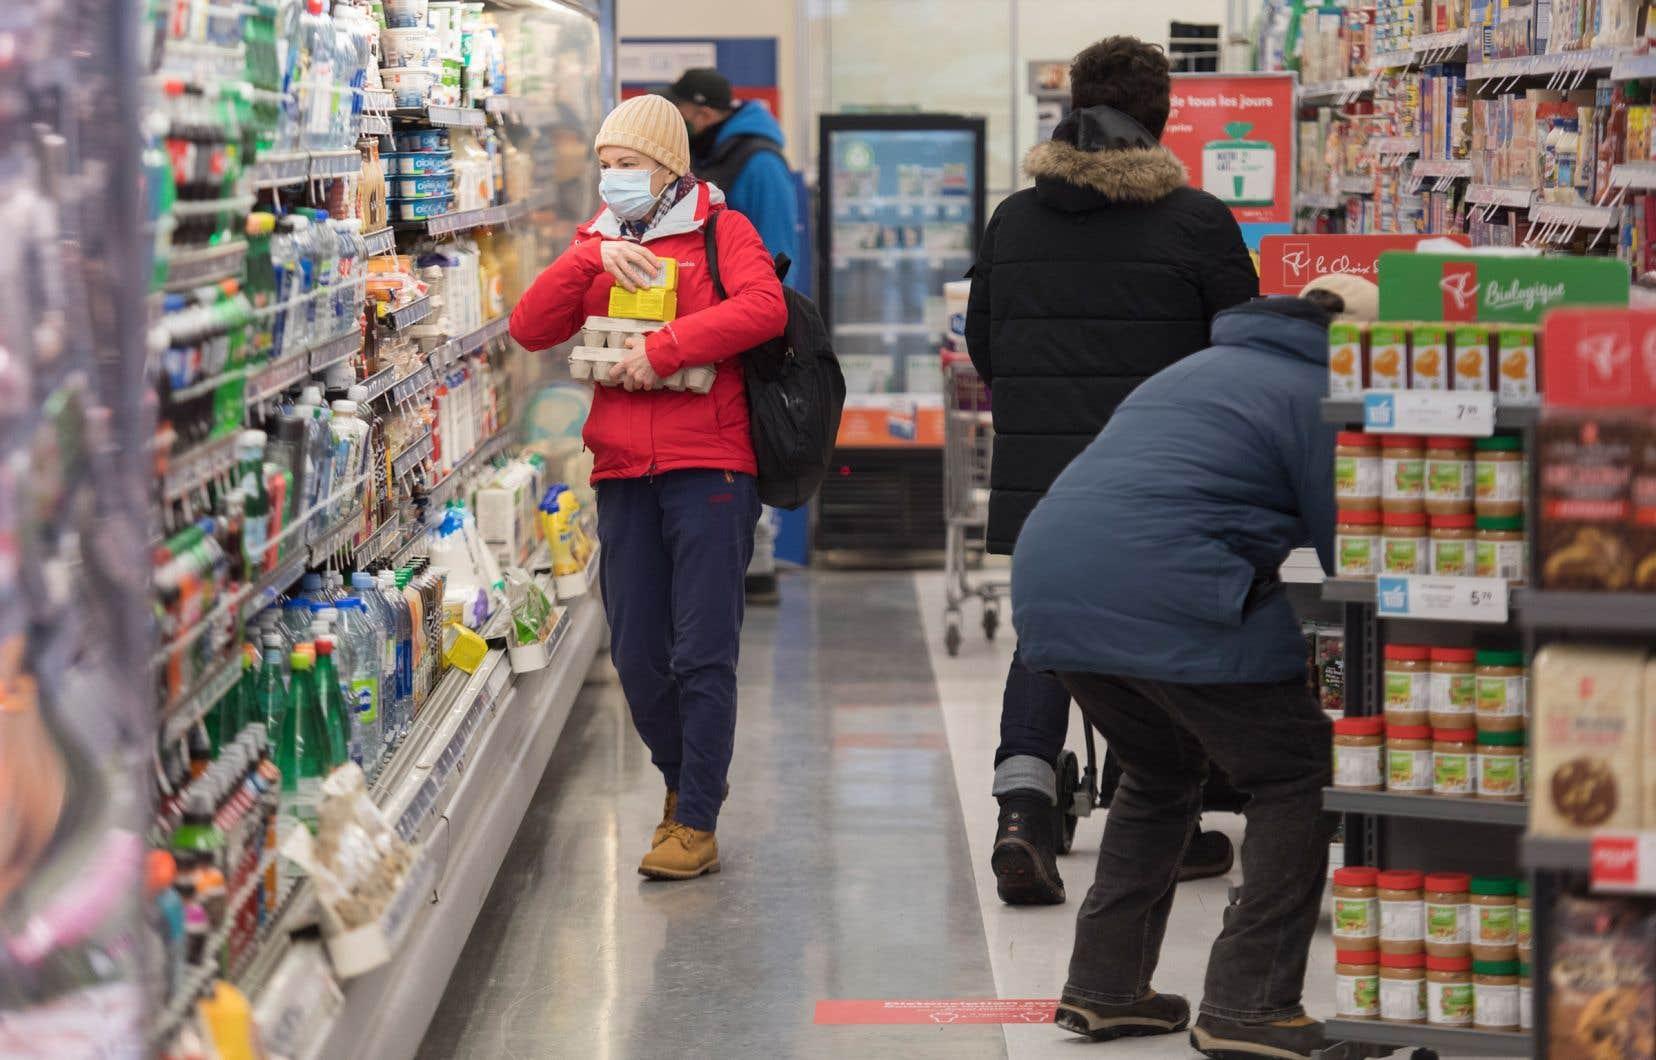 Avant la pandémie, environ 1 ménage sur 10 au Québec et au Canada souffrait déjà d'insécurité alimentaire. Selon Statistique Canada, cette proportion a bondi de 39% avec la pandémie et atteignait près d'un ménage sur sept (14,6%) en mai 2020.